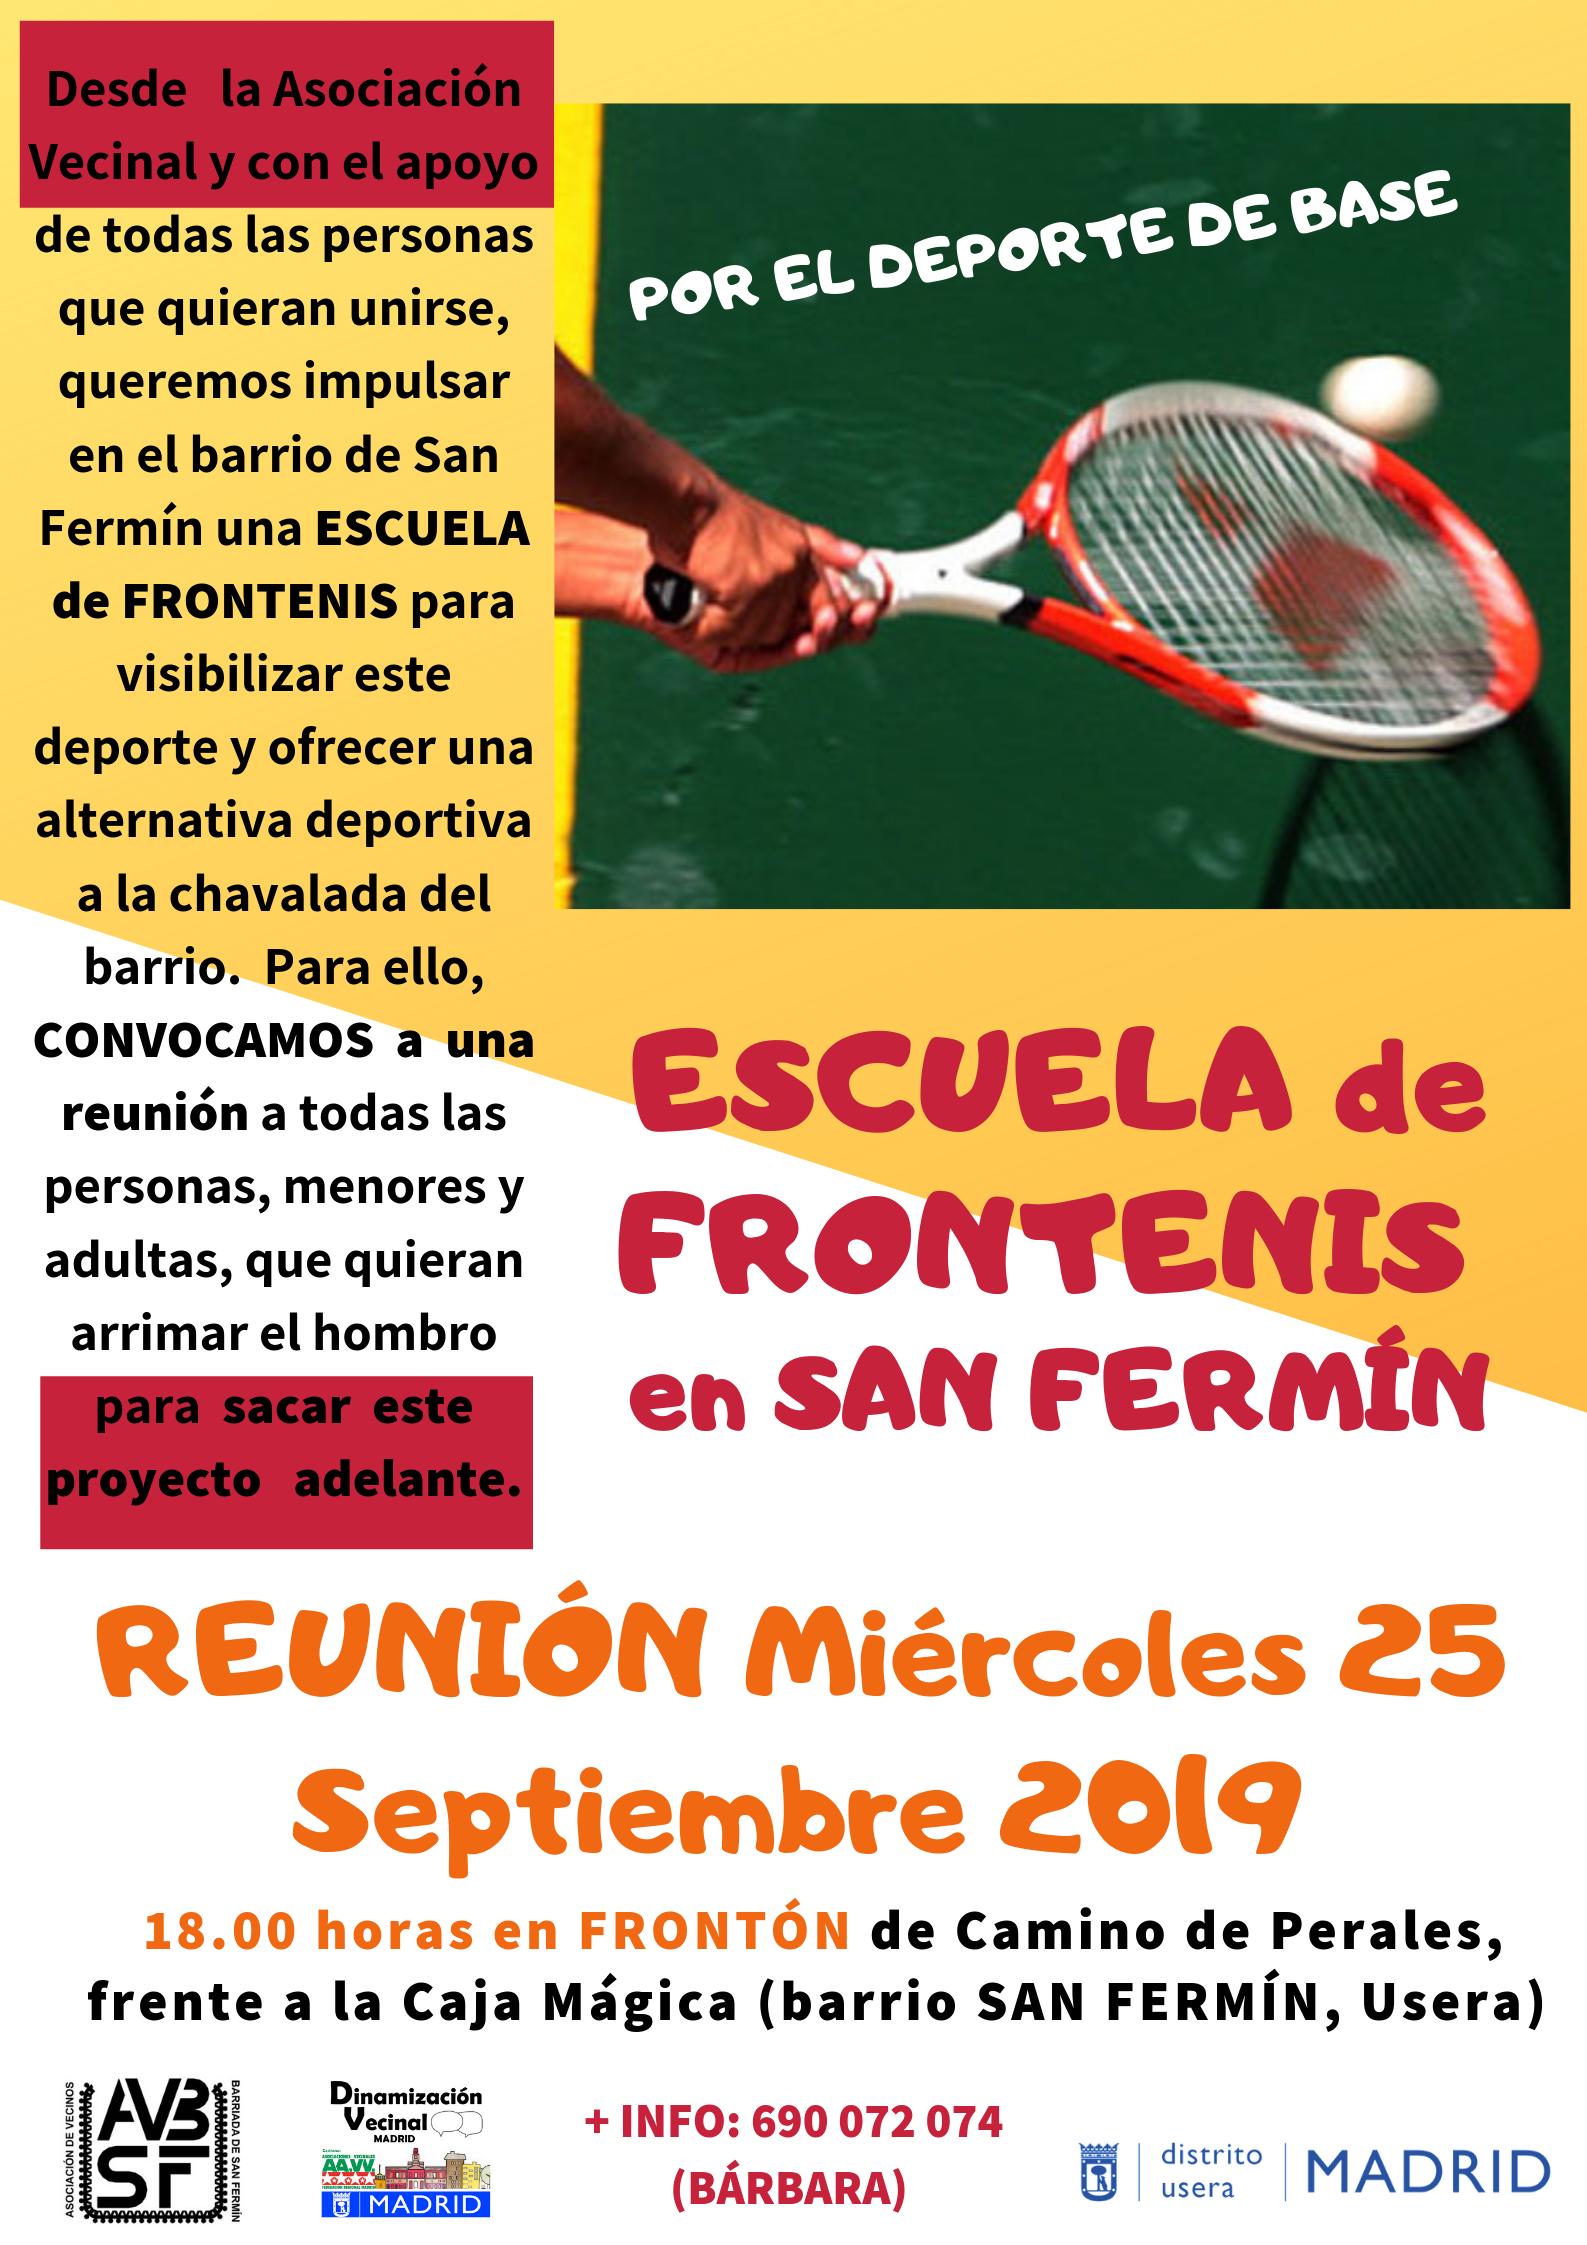 Escuela de Frontenis en San Fermín